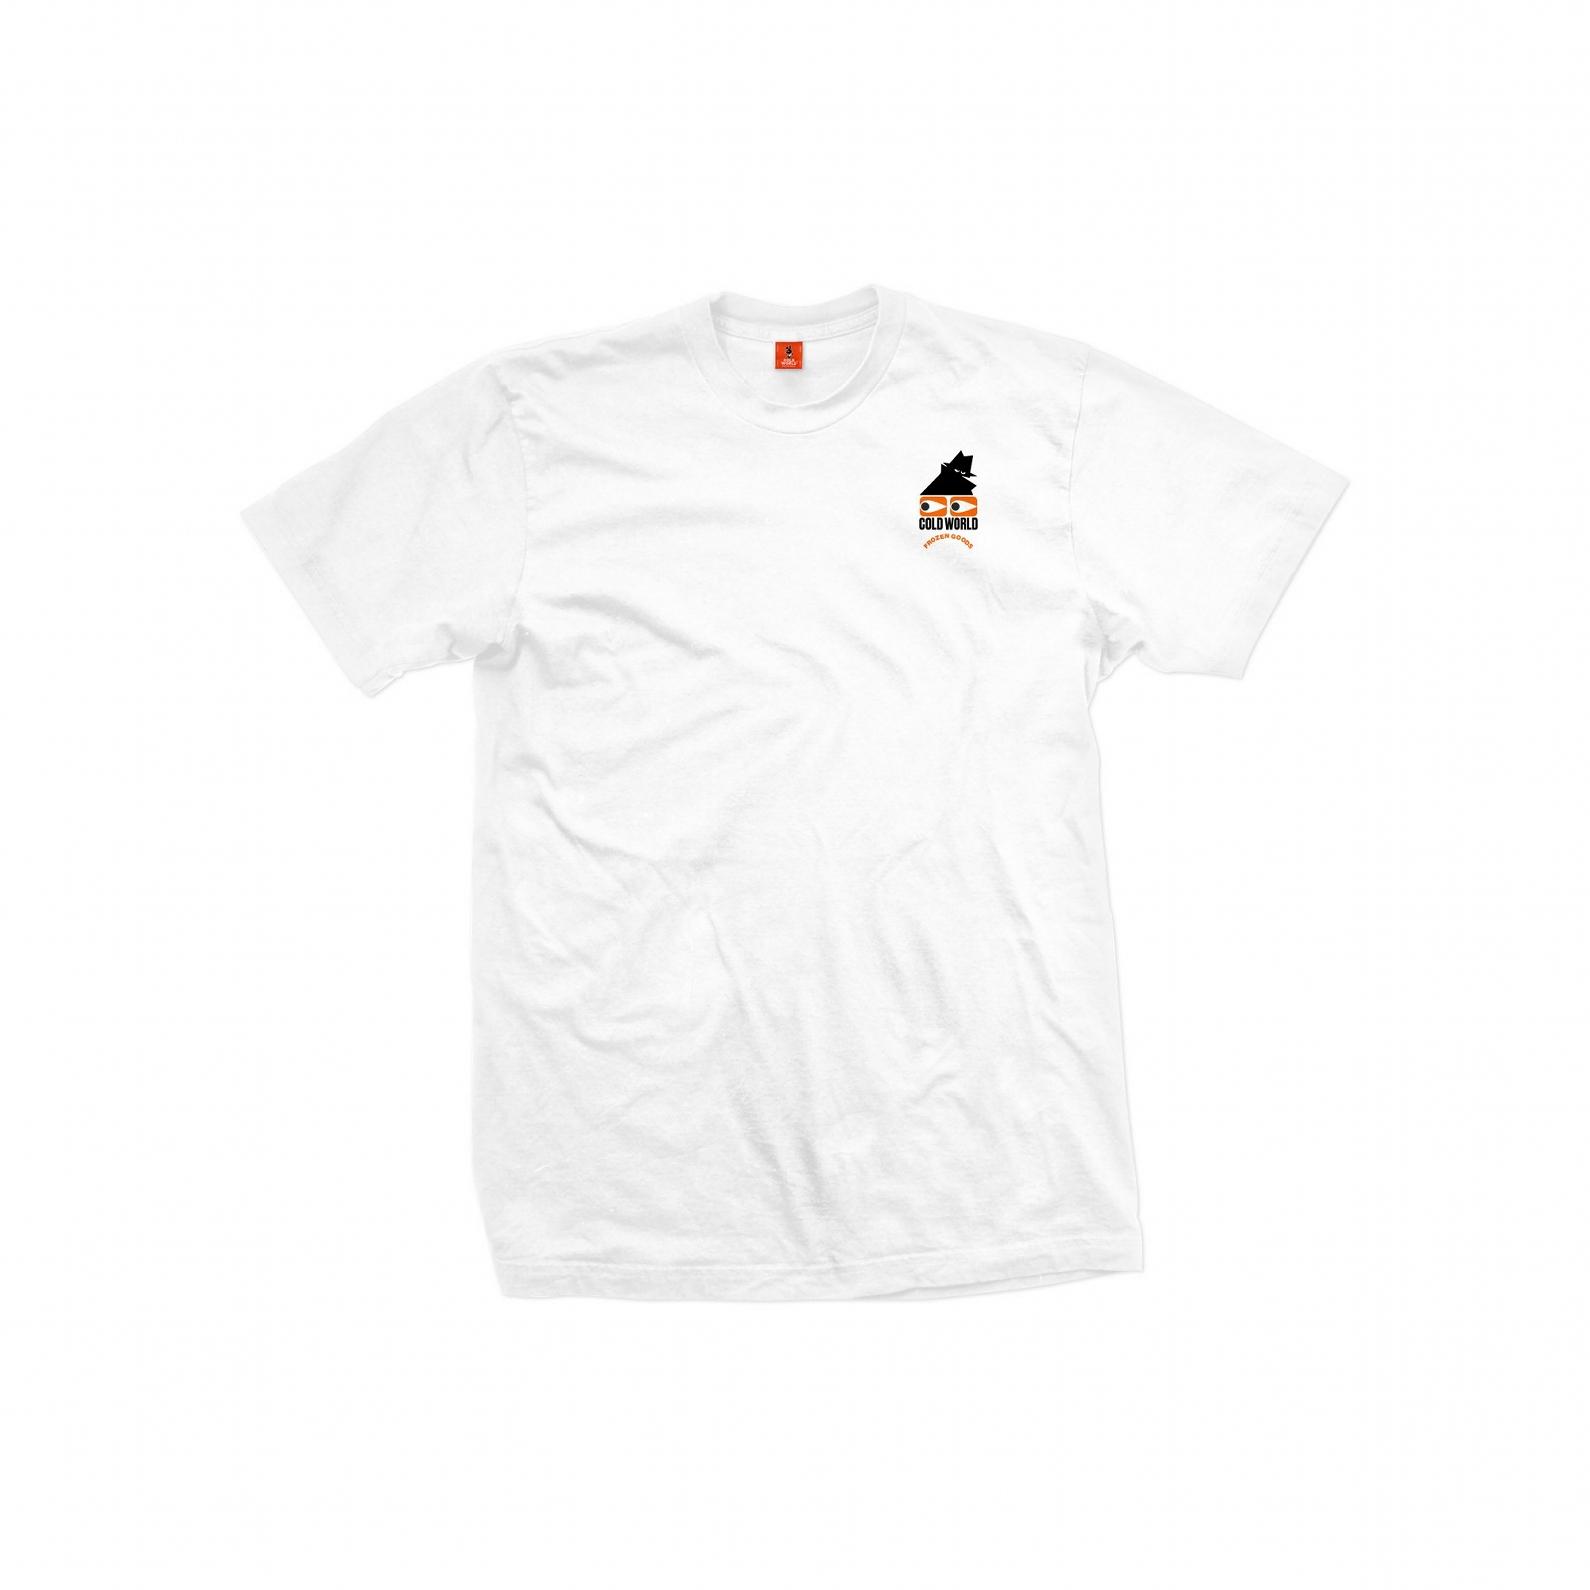 【COLD WORLD FROZEN GOODS/コールドワールドフローズングッズ】COMMON SENSE T-SHIRT Tシャツ / WHITE